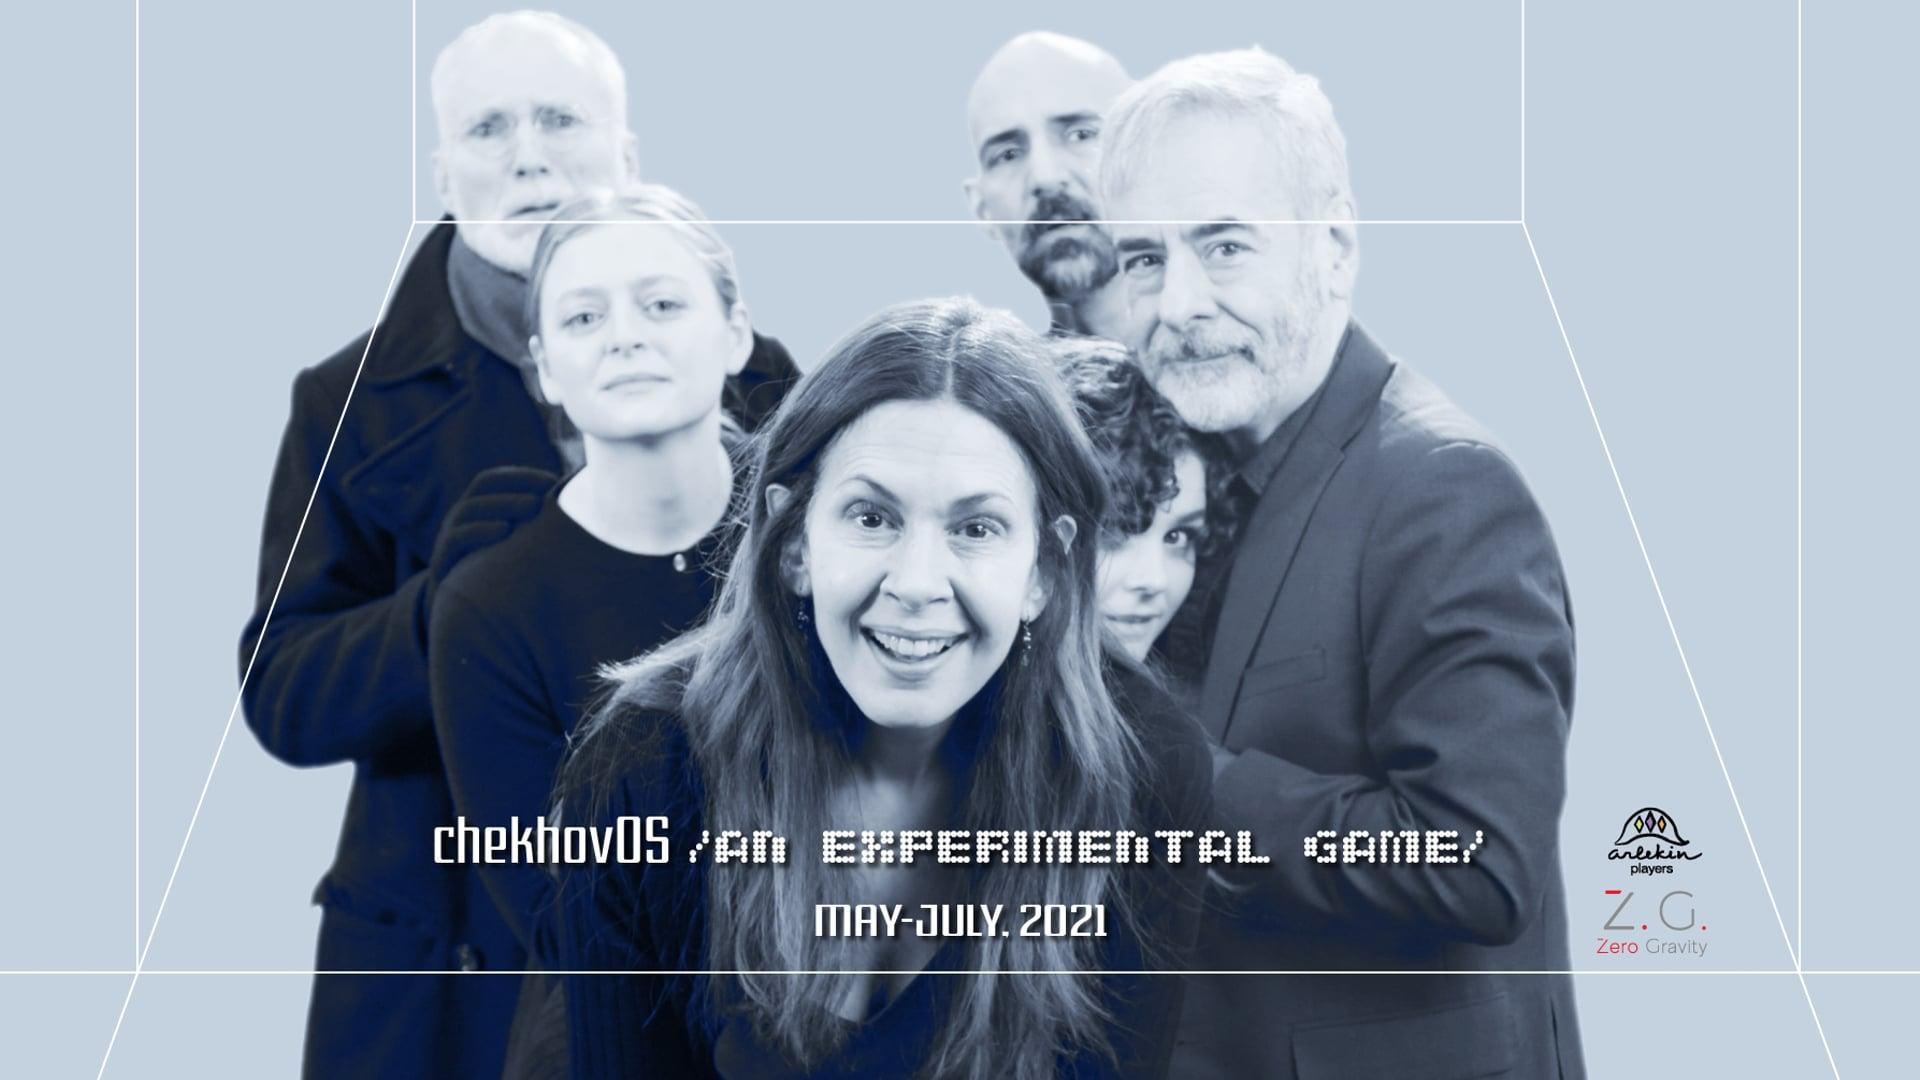 chekhovOS (TRAILER)